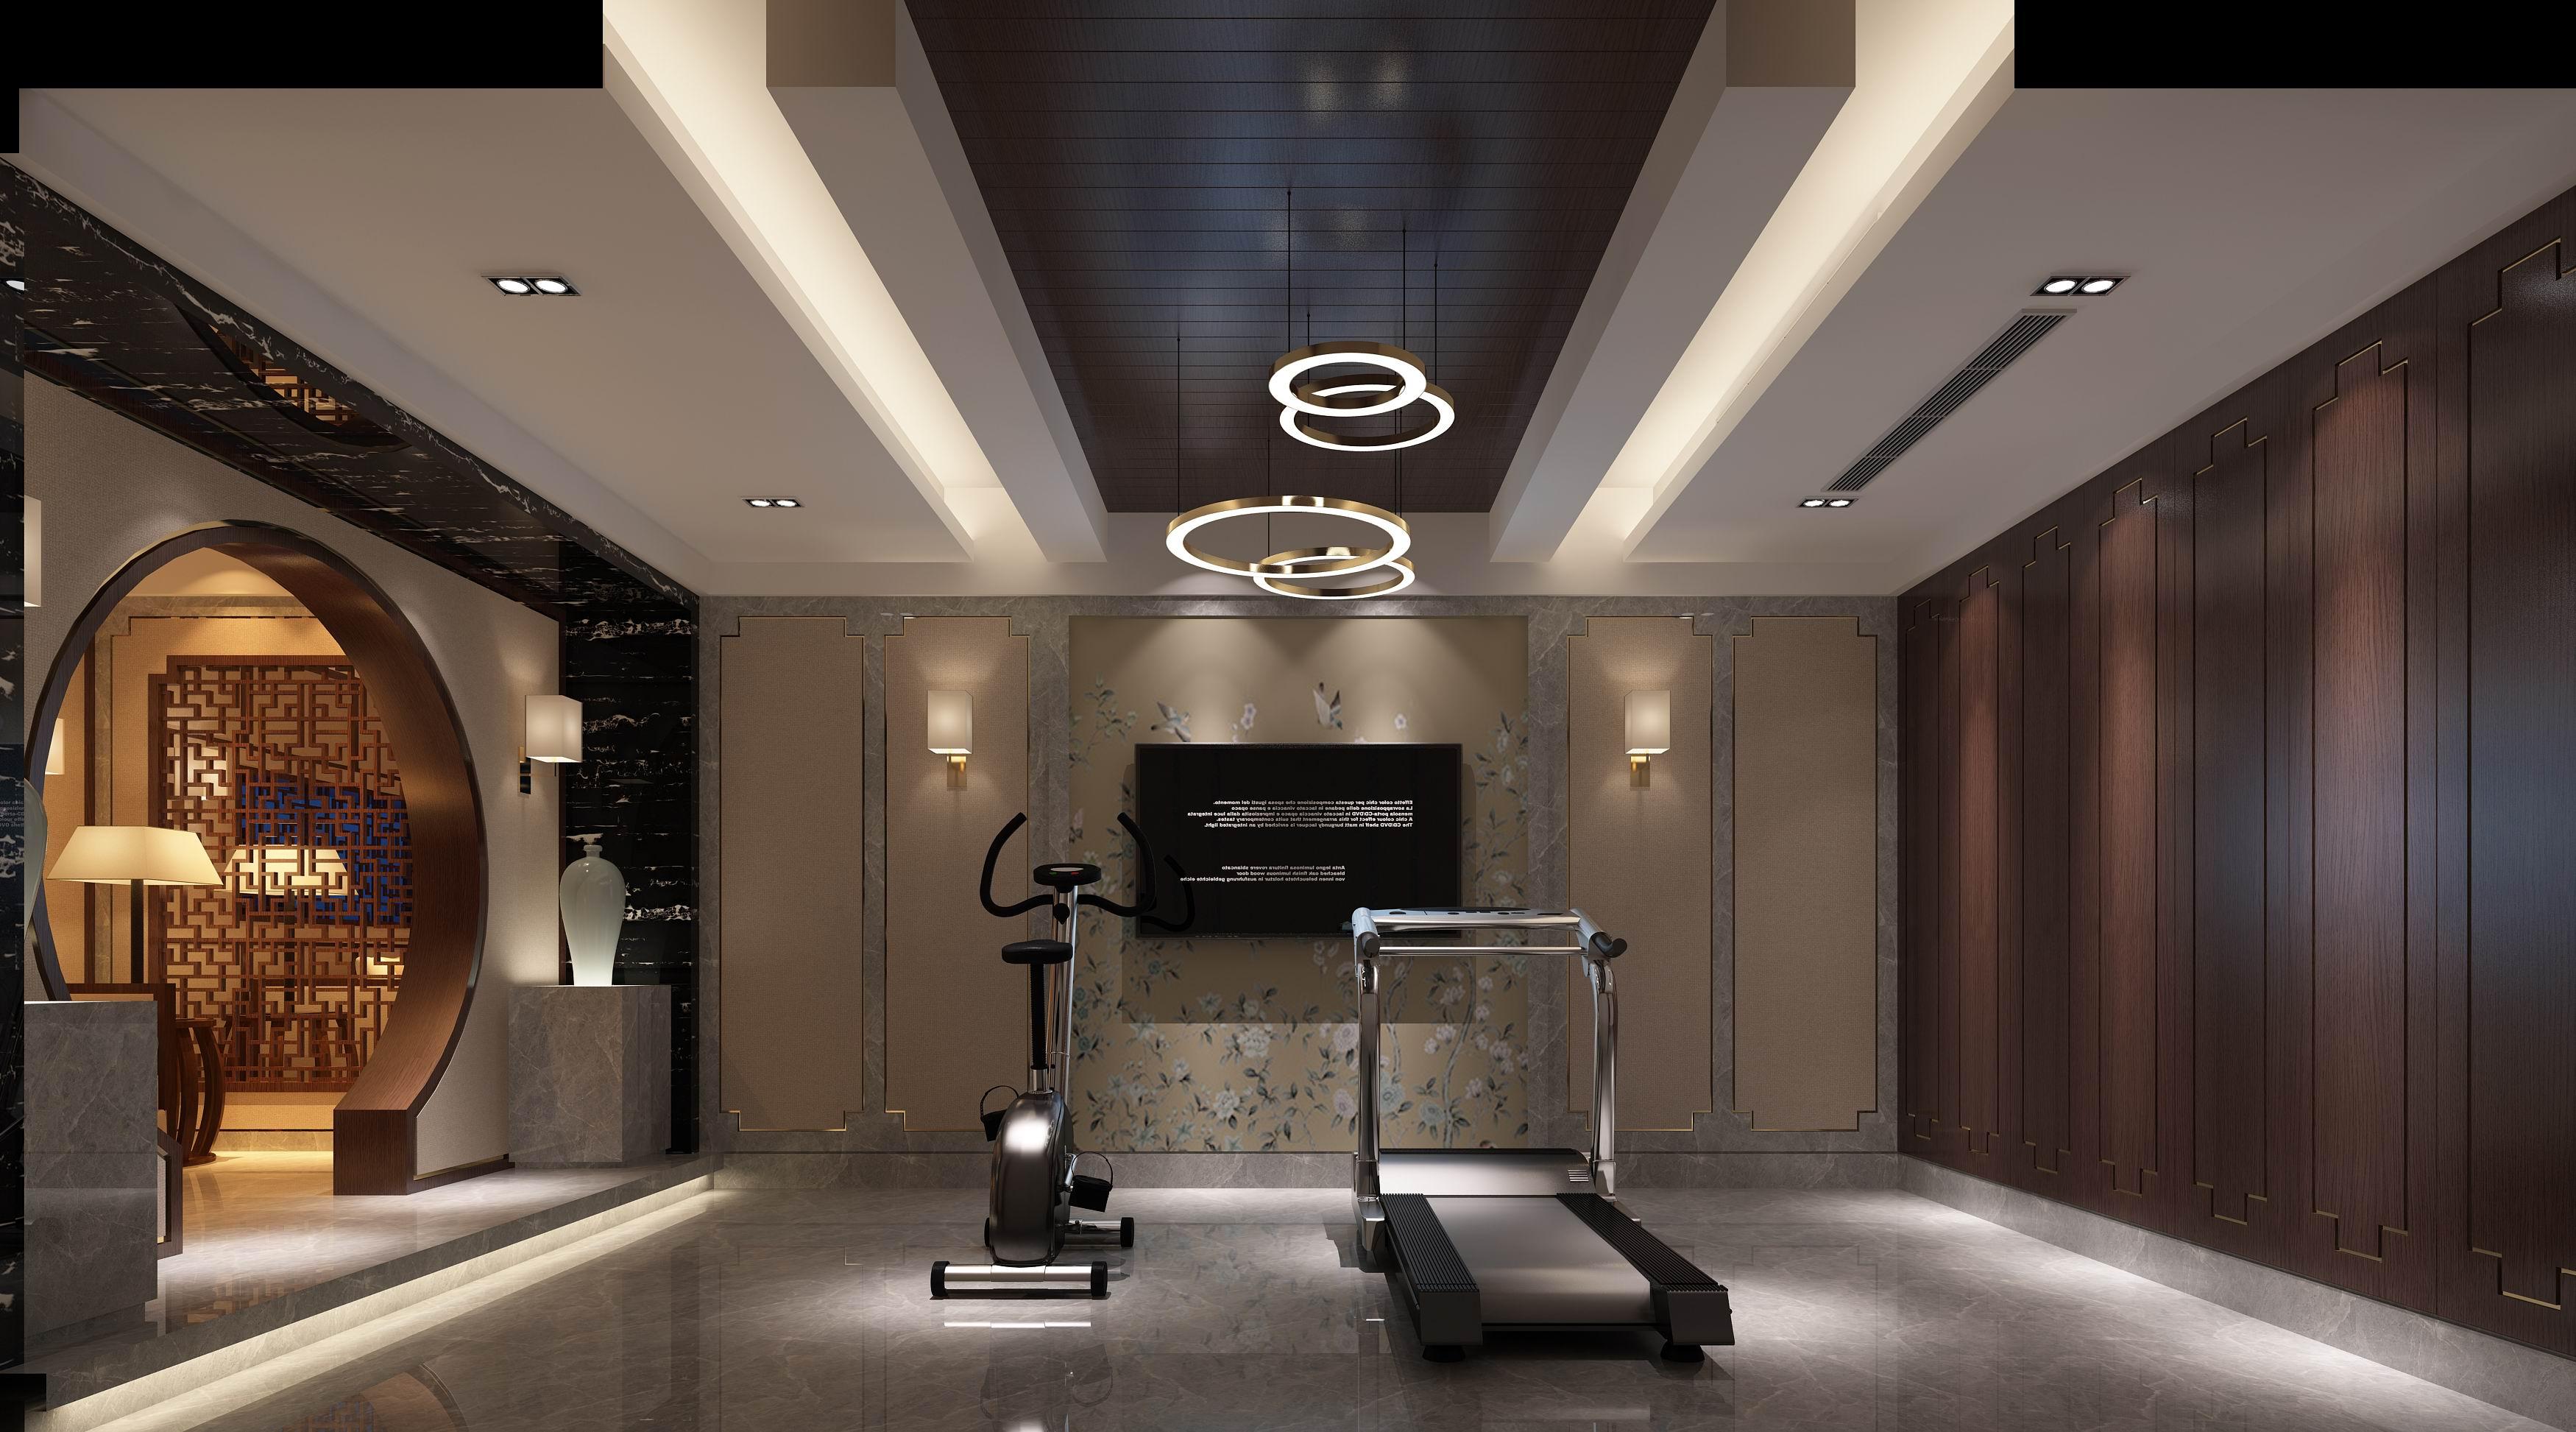 别墅 设计 装修 案例 新中式 健身区图片来自无锡别墅设计s在沁春园450㎡新中新别墅案例的分享